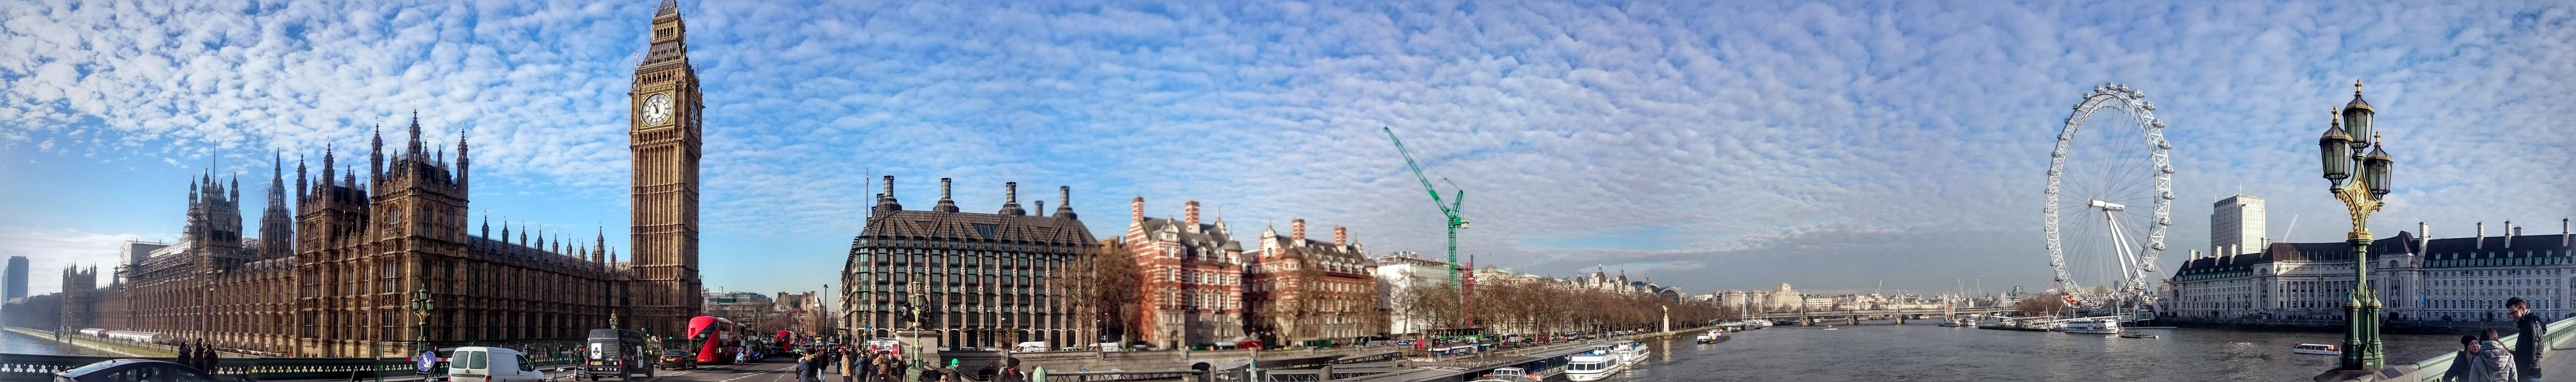 London Eye #London Big Ben #panoramas #8K #wallpaper # ...